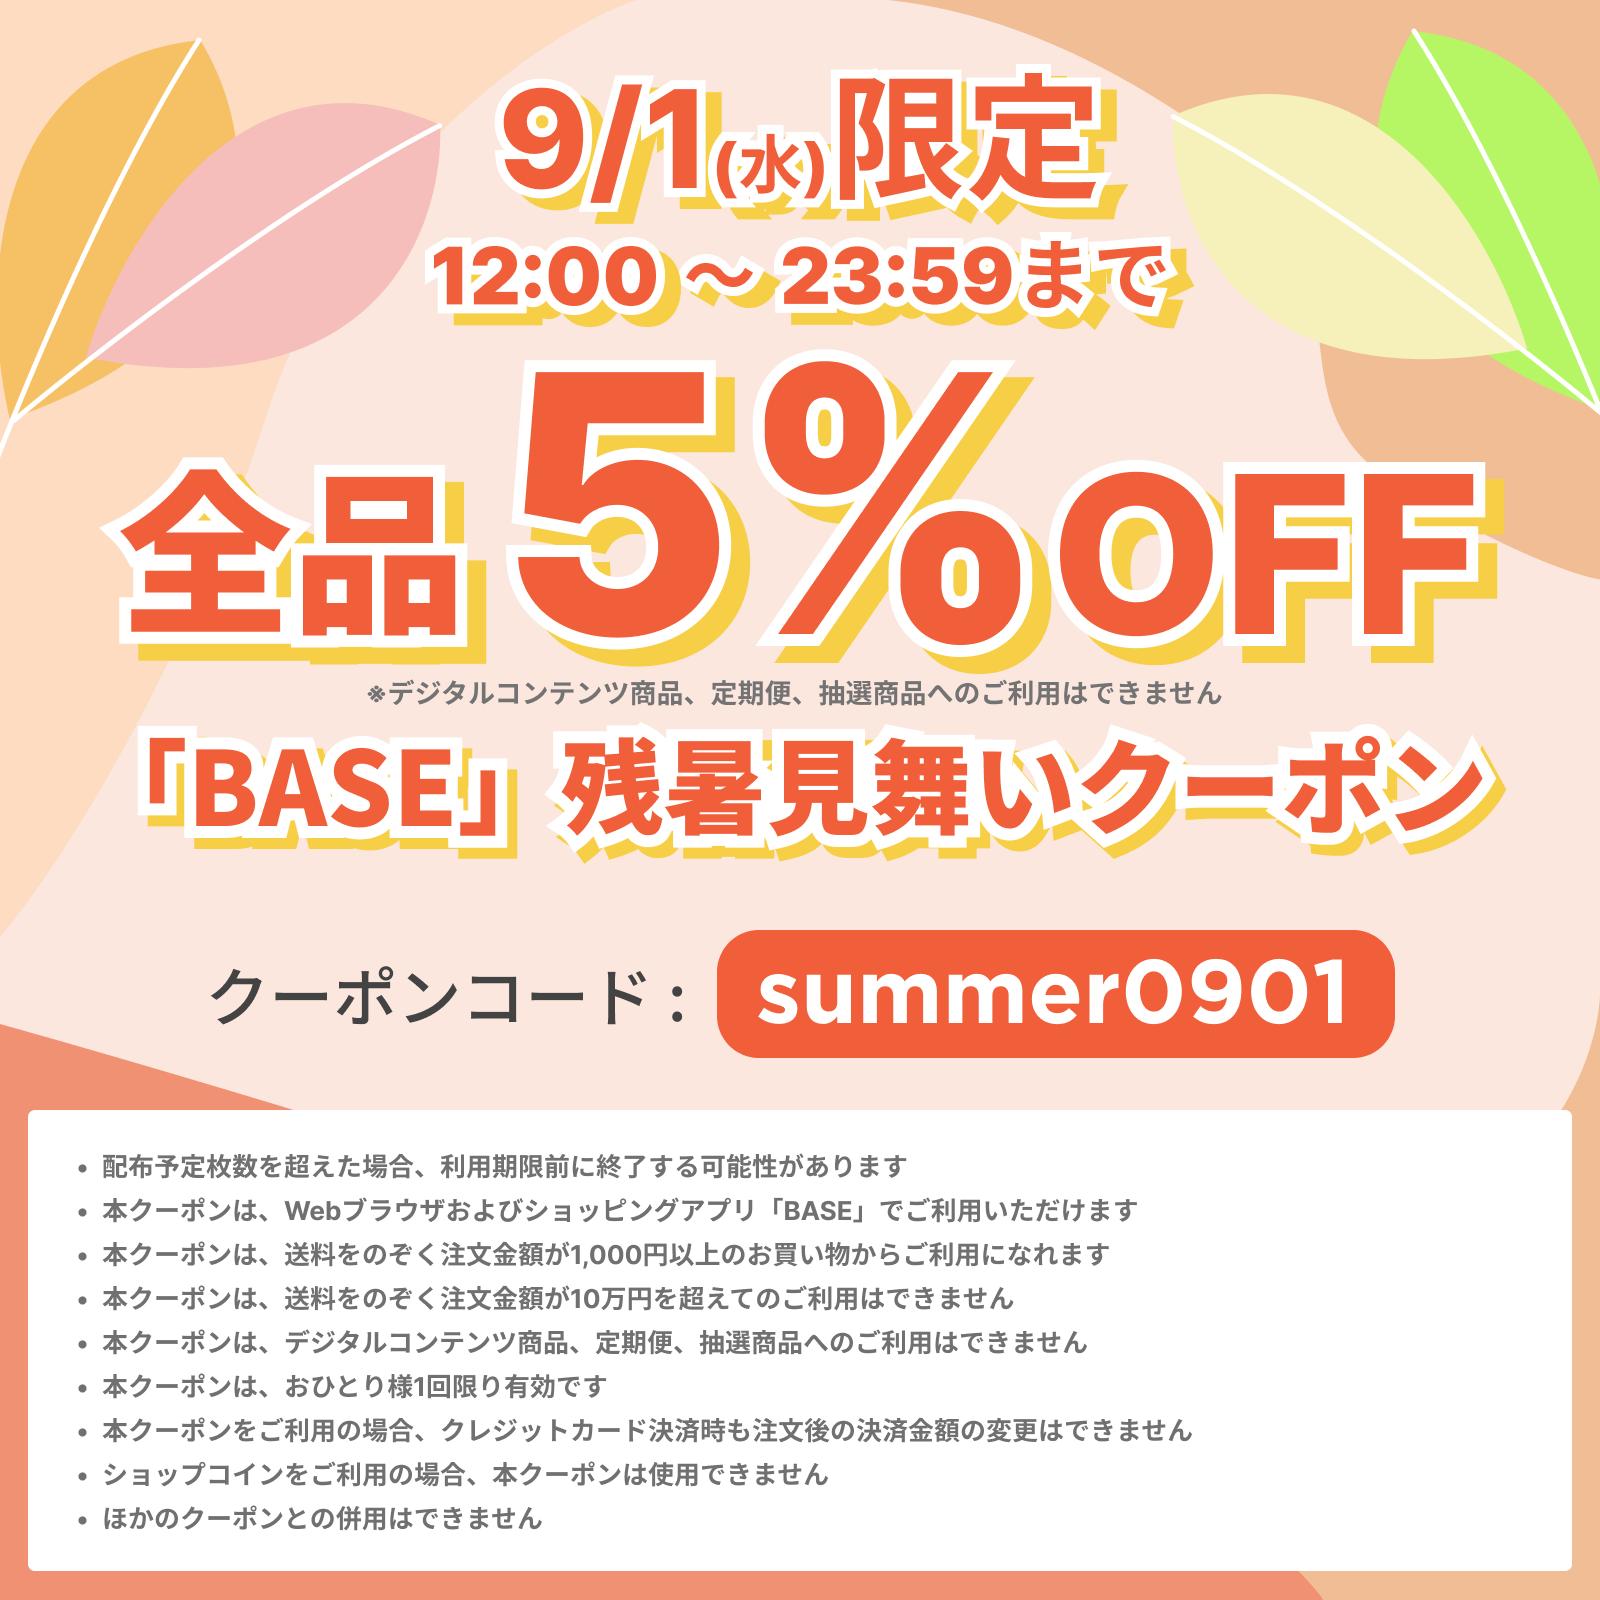 9月1日(水)限定5%OFFクーポン《Gallery Miko-Nonno》配布中!